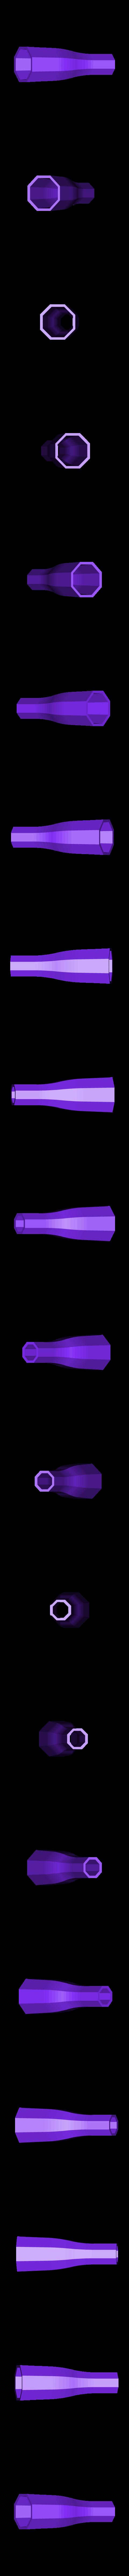 Lejek_B2.stl Télécharger fichier STL gratuit Entonnoir • Objet pour impression 3D, kpawel